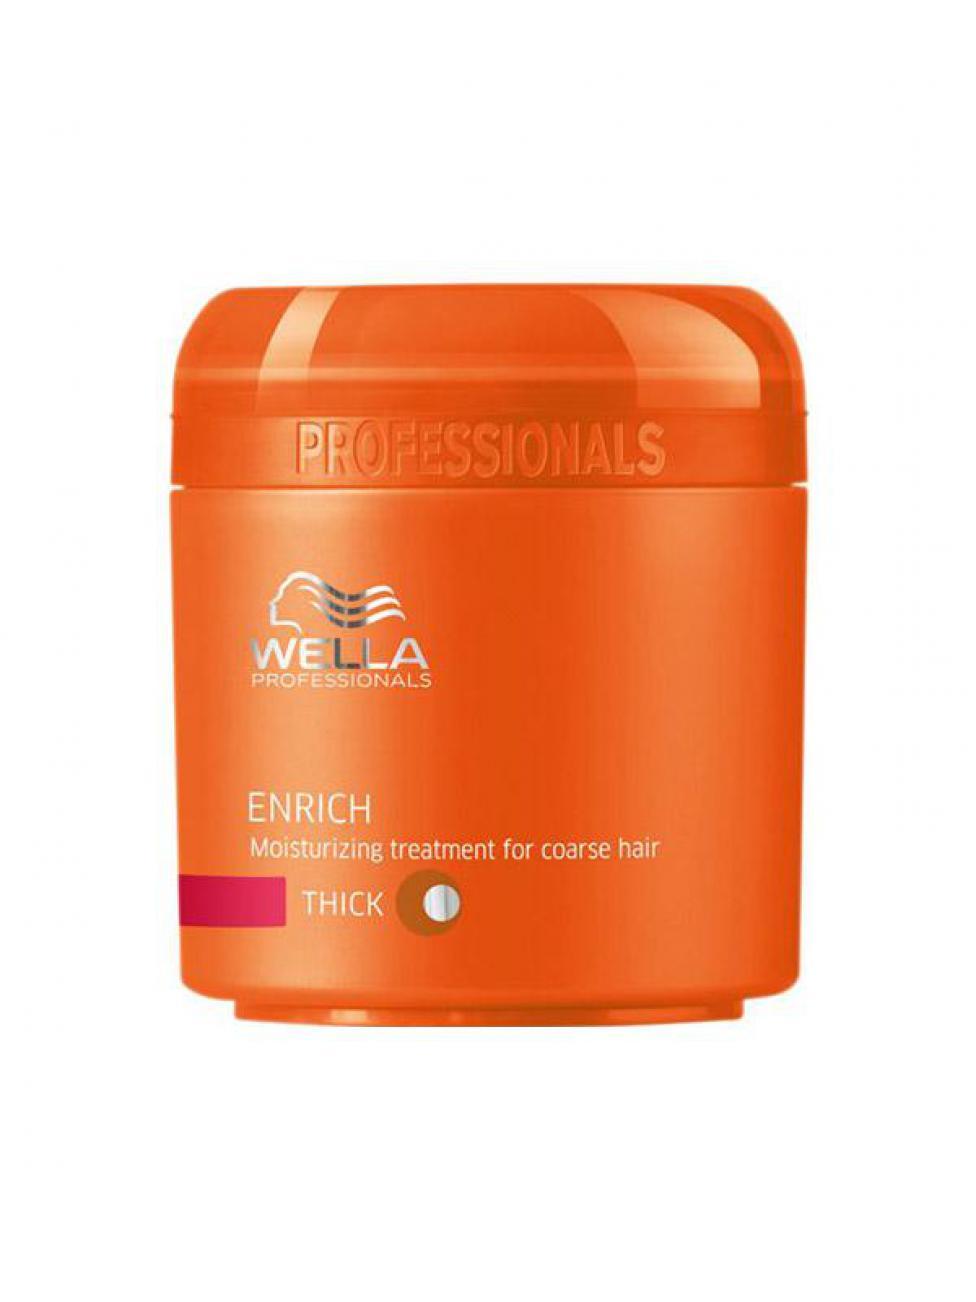 Wella Питательная крем-маска Enrich Line для жестких волос, 150 мл117375Сохранить естественный внешний вид жестких волос, смягчить их вам поможет питательная крем-маска от Wella. Она восстанавливает поврежденные волосы, не утяжеляет их, придает им бриллиантовый блеск, мерцание и шелковистость. В состав этого средства входит экстракт шелка. Эксклюзивная салонная формула позволяет крем-маске бережно ухаживать за вашими локонами, придавая им восхитительный внешний вид.После первого же использования крем-маски ваши волосы станут гладкими и блестящими.В состав средства входят такие компоненты, как пантенол, экстракт шелка, витамин E, эксклюзивная Салонная Формула, глиоксиловая кислота..